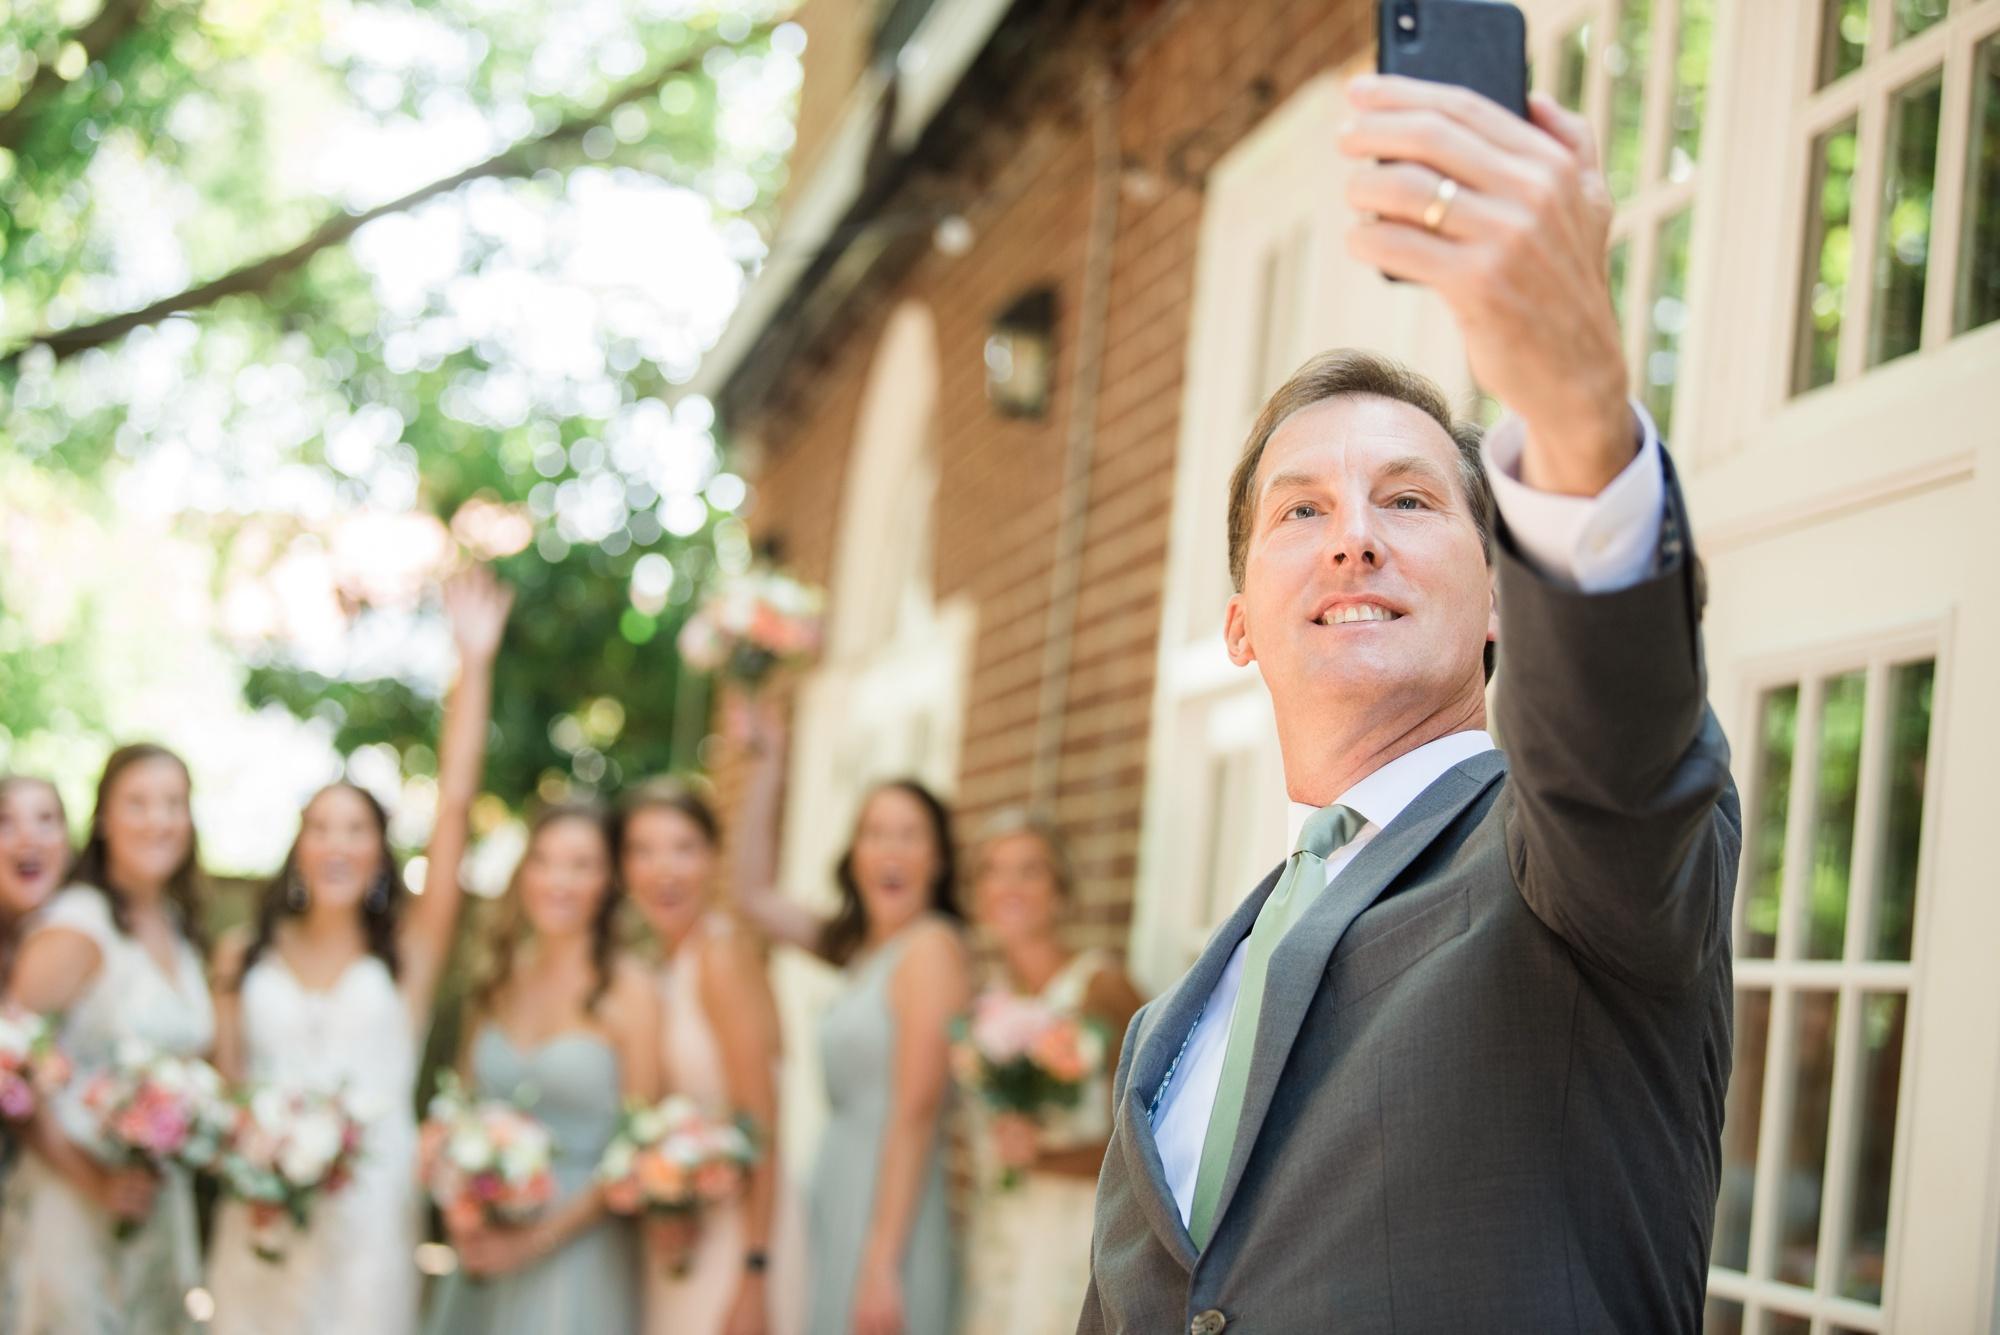 Governor Calvert House Bride and bridesmaid photos